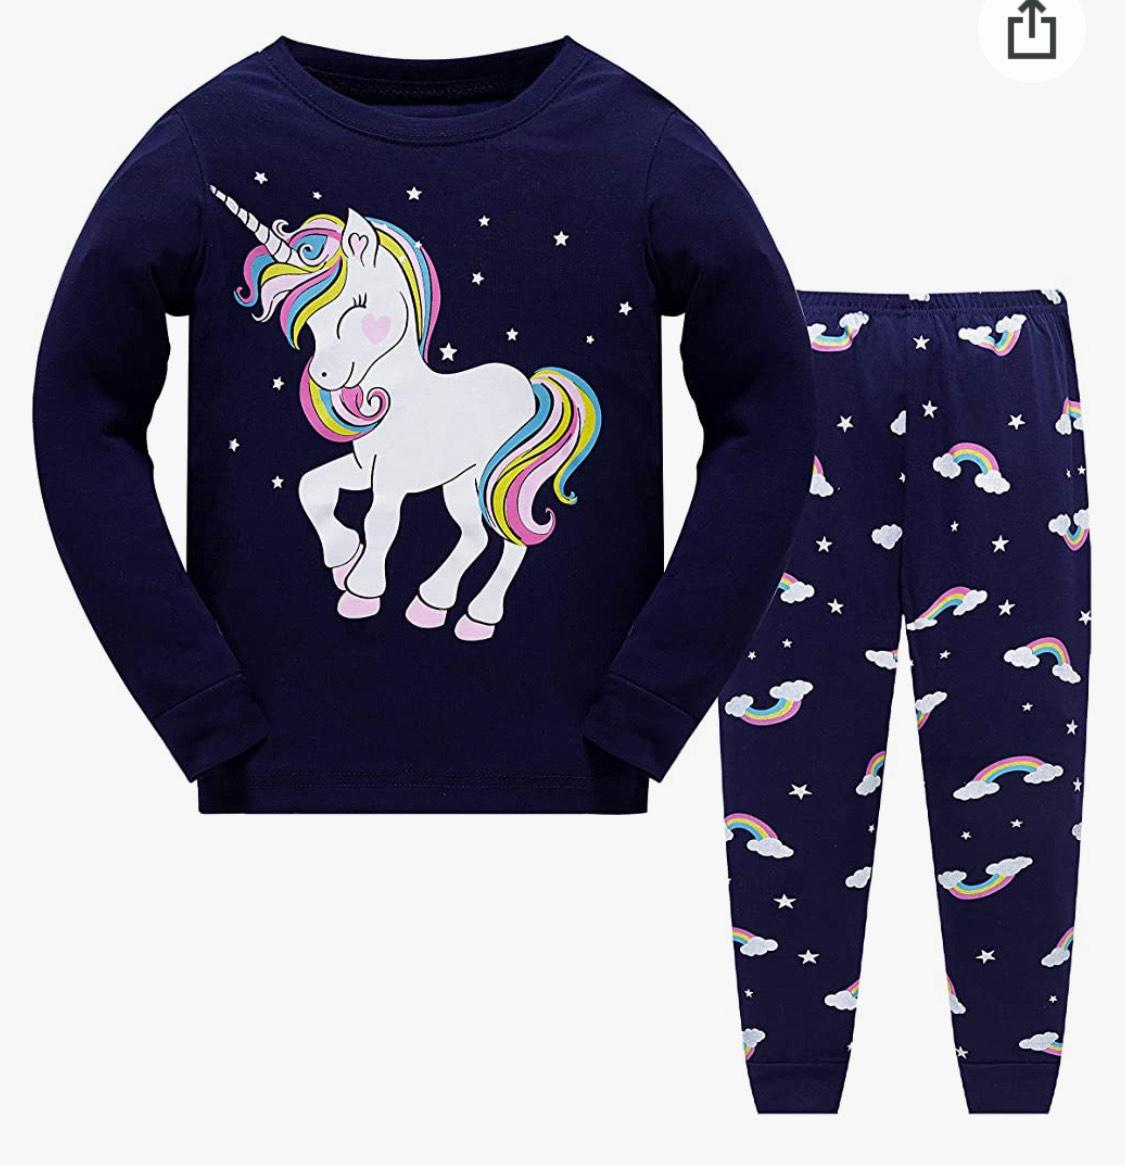 Pijama niña 10-11 años ¡¡Corredddd!!